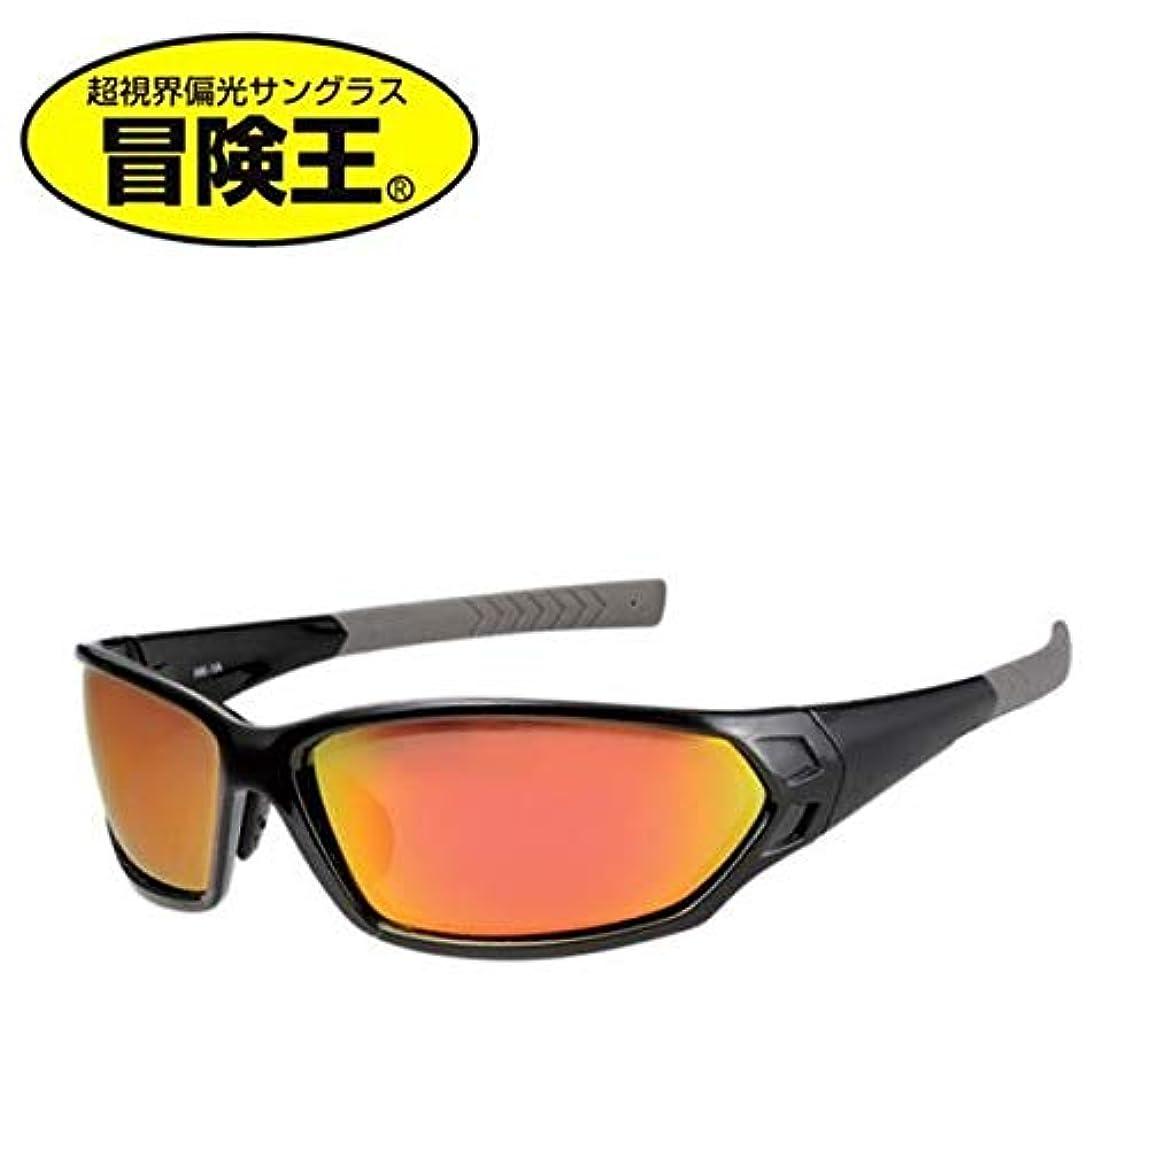 債権者薬やる冒険王(Boken-Oh) サングラス ヒートホーク IR(近赤外線軽減偏光レンズ) HK-1B ブラック/グレー